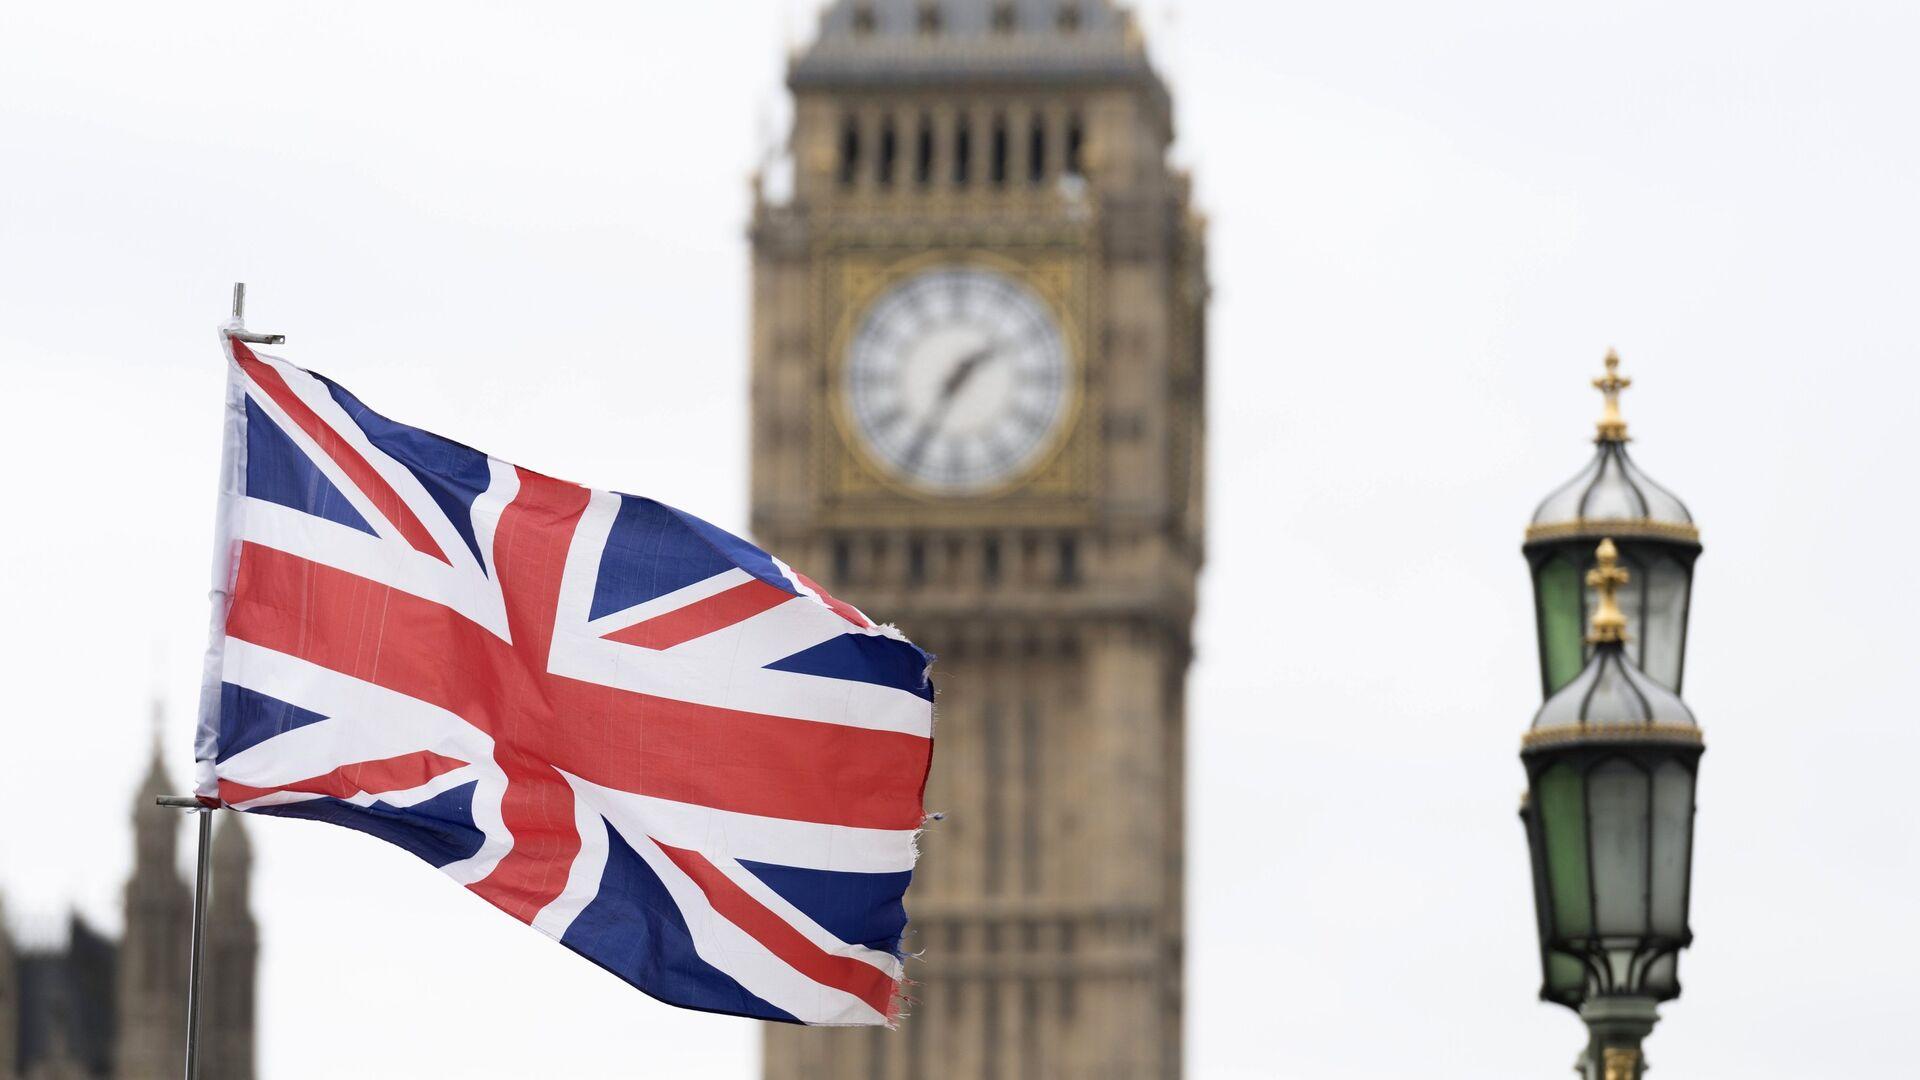 Флаг Великобритании на фоне Вестминстерского дворца в Лондоне - РИА Новости, 1920, 24.03.2021